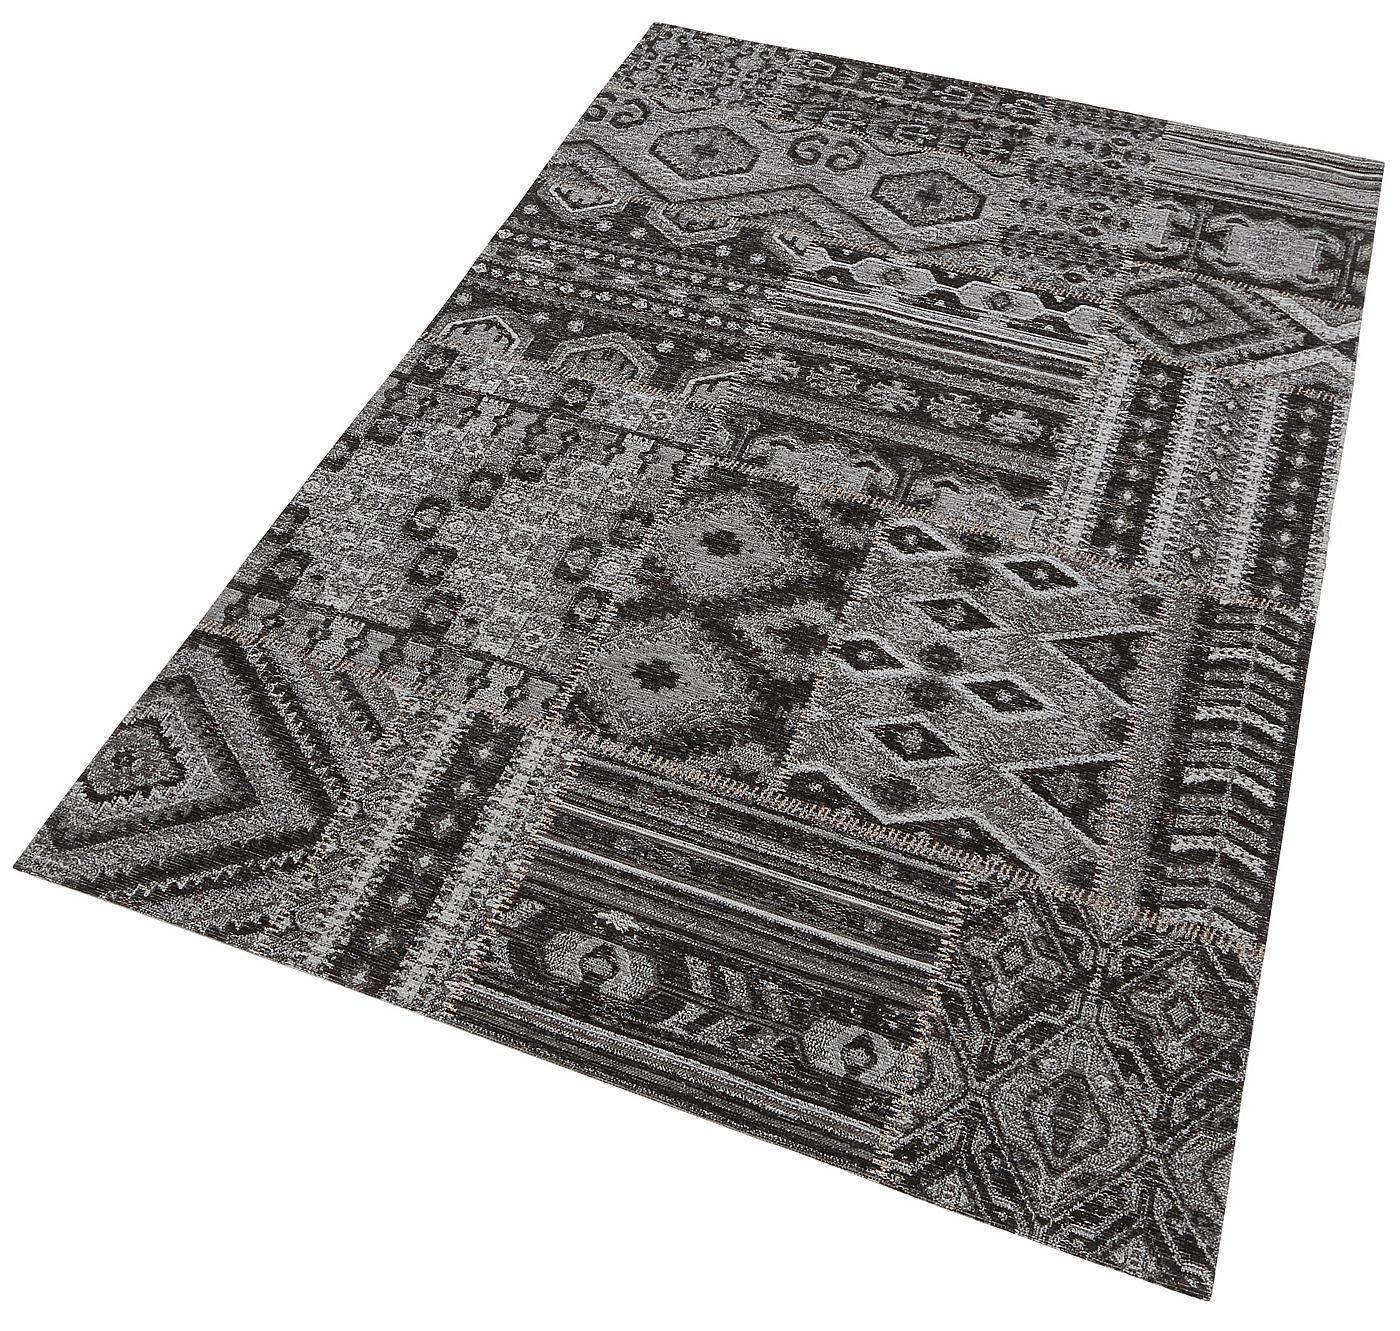 Details:  Grafisch gemustert,  Qualität:  Maschinengewebt, 1,2 kg/m² Gesamtgewicht, 2 mm Gesamthöhe,  Flormaterial:  100 % Polyester Chenille,  ...